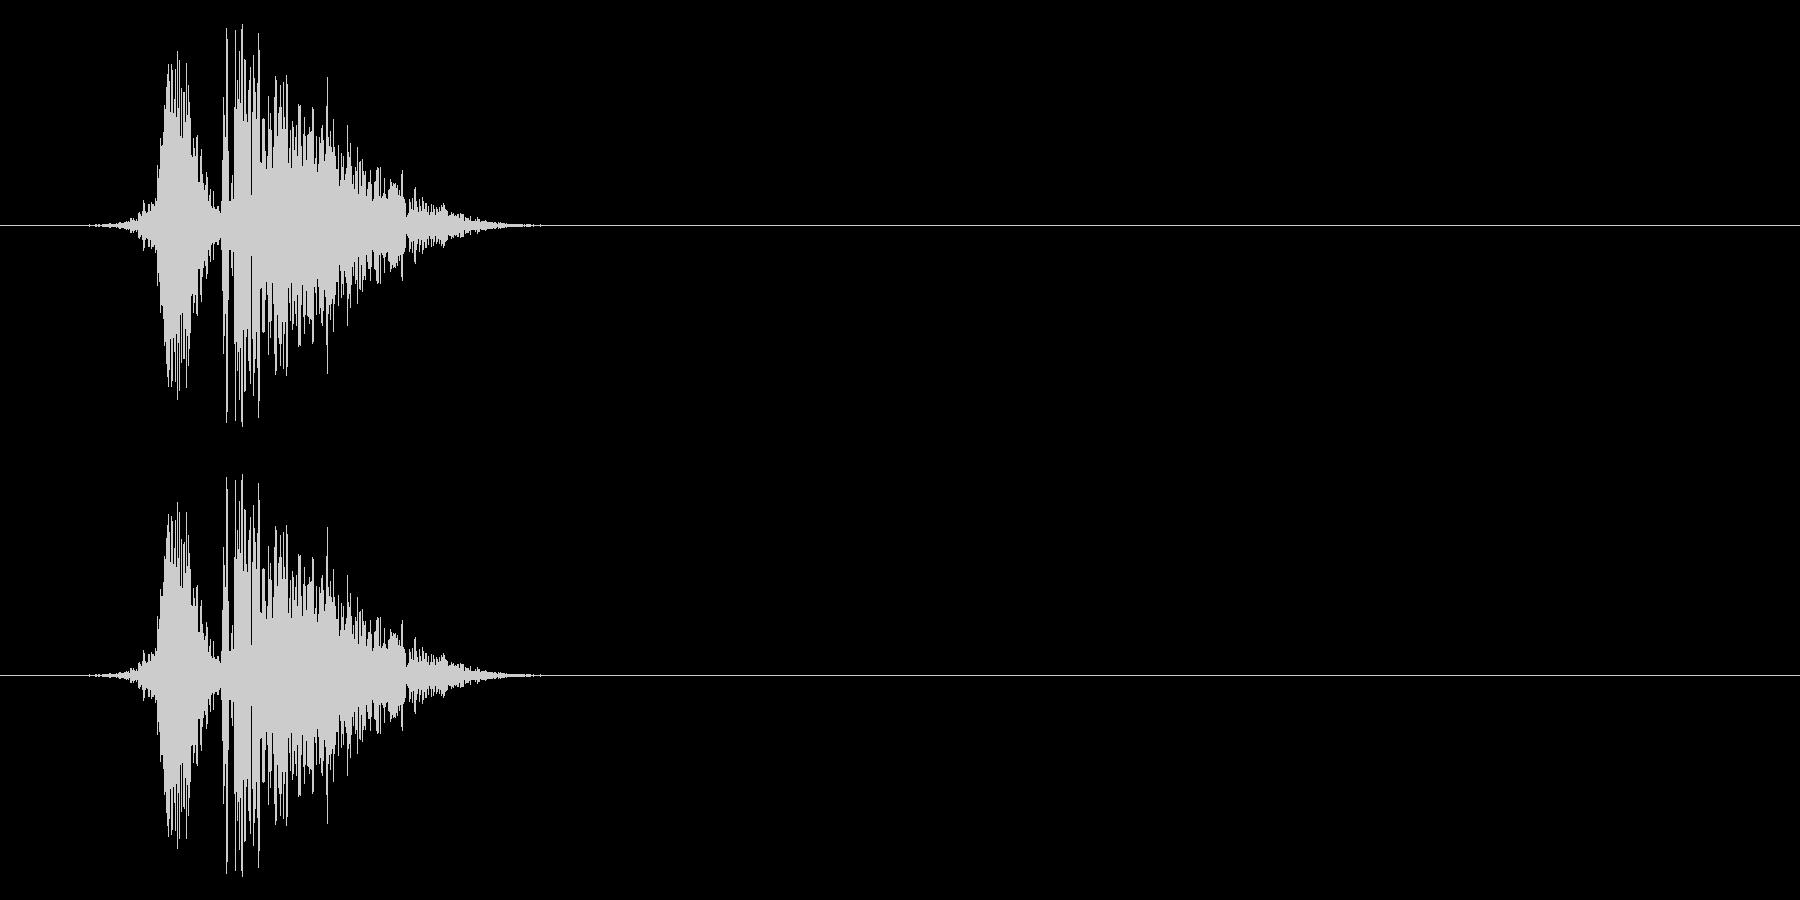 打撃08-3の未再生の波形